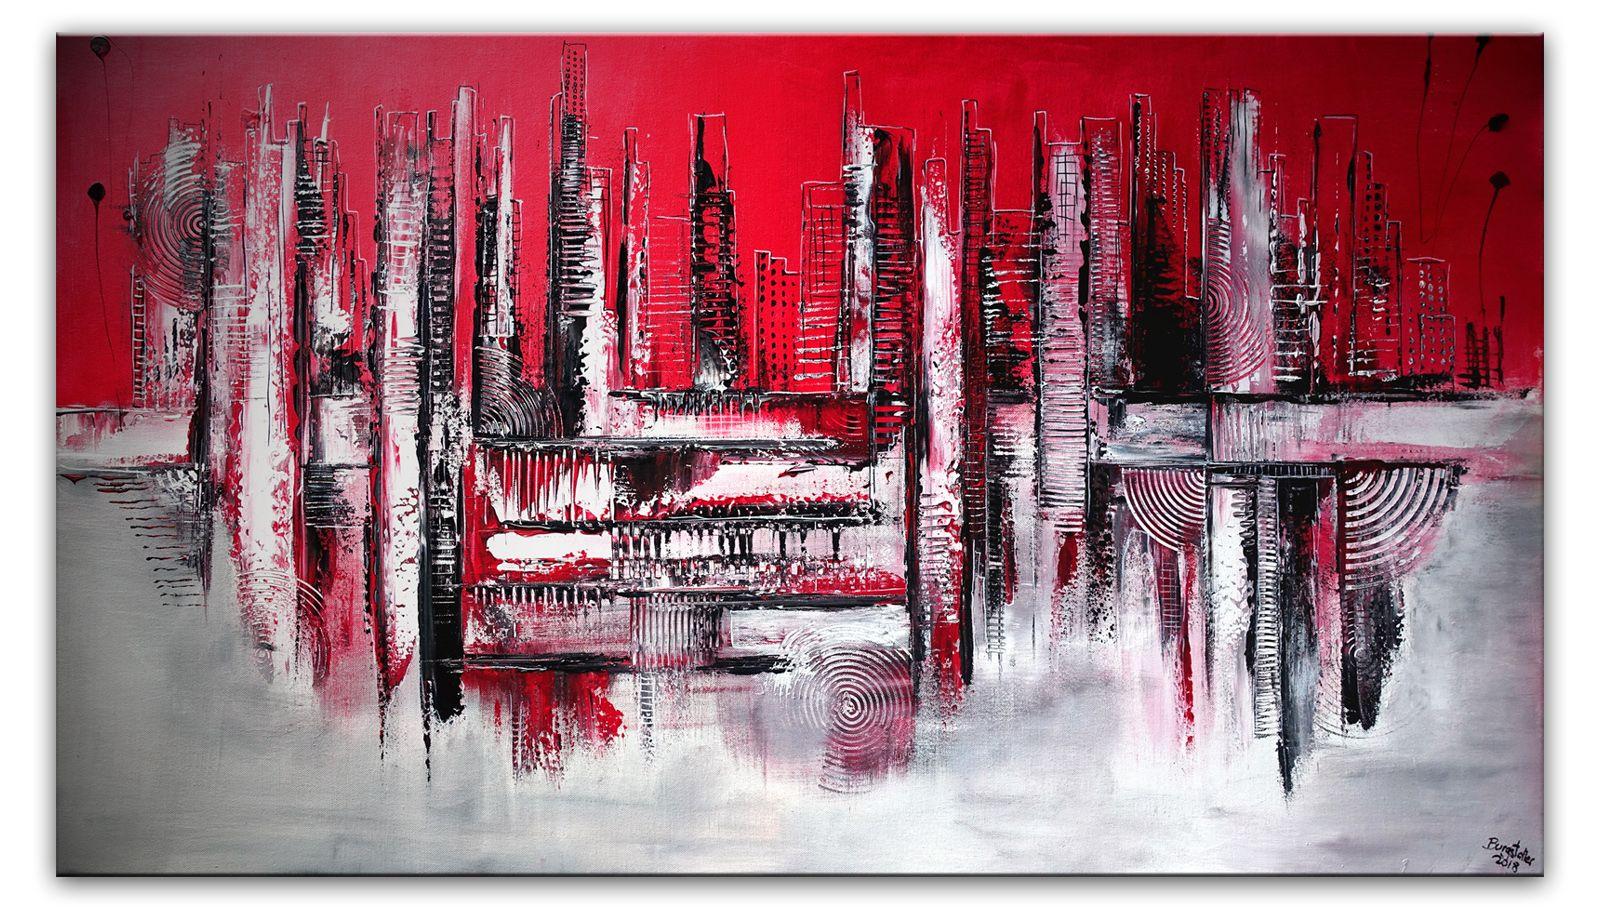 abstrakte skyline malerei rot wandbild stadtbild gemalde kaufen abstraktes verkaufen kunst schwarz weiß bilder abstrakt